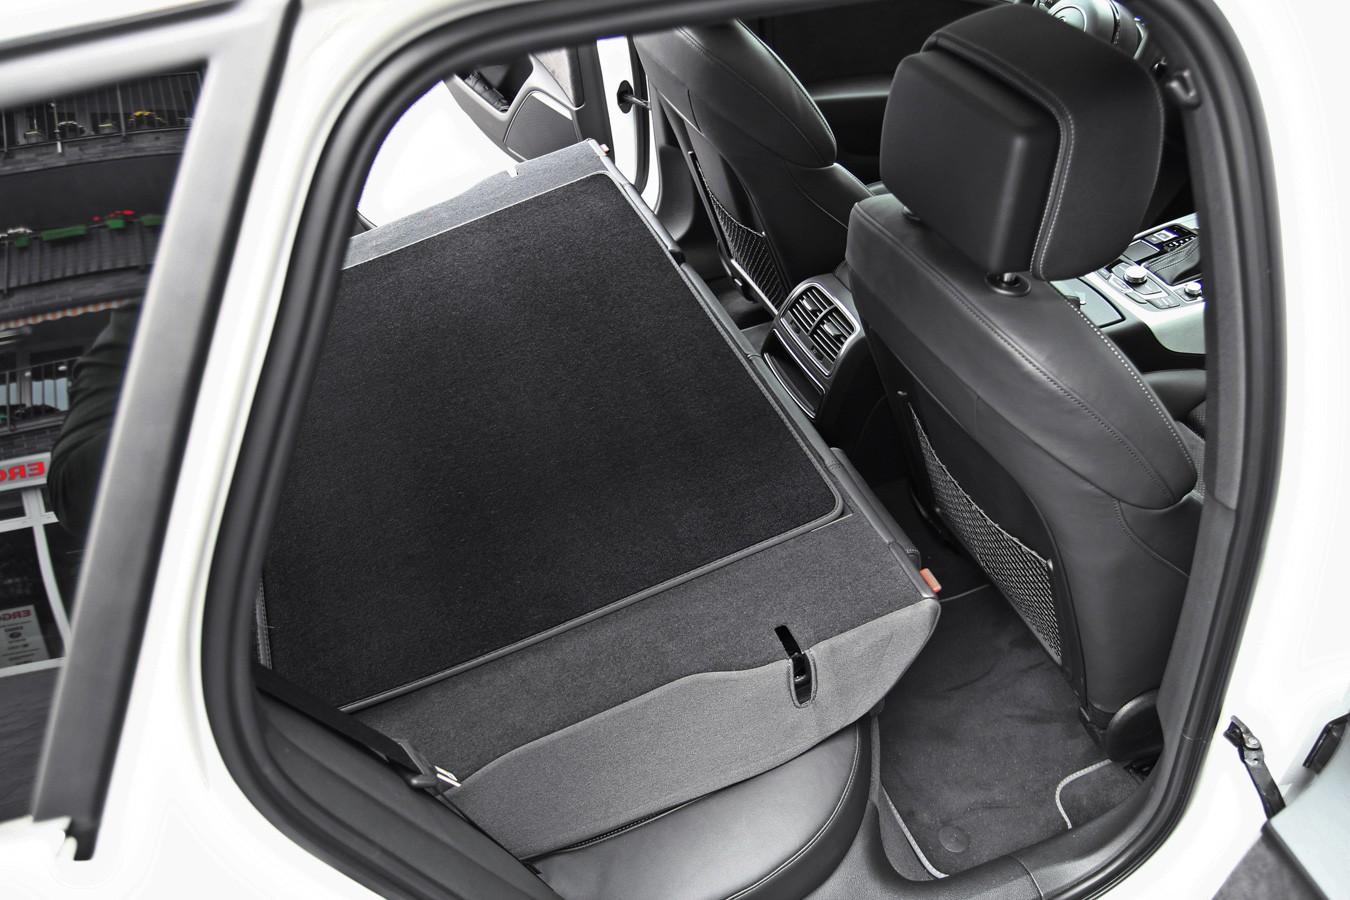 Audi Voitures Sol Pièces 3 Tapis De Du A6 Pour Coffre Adapté WEDI9H2